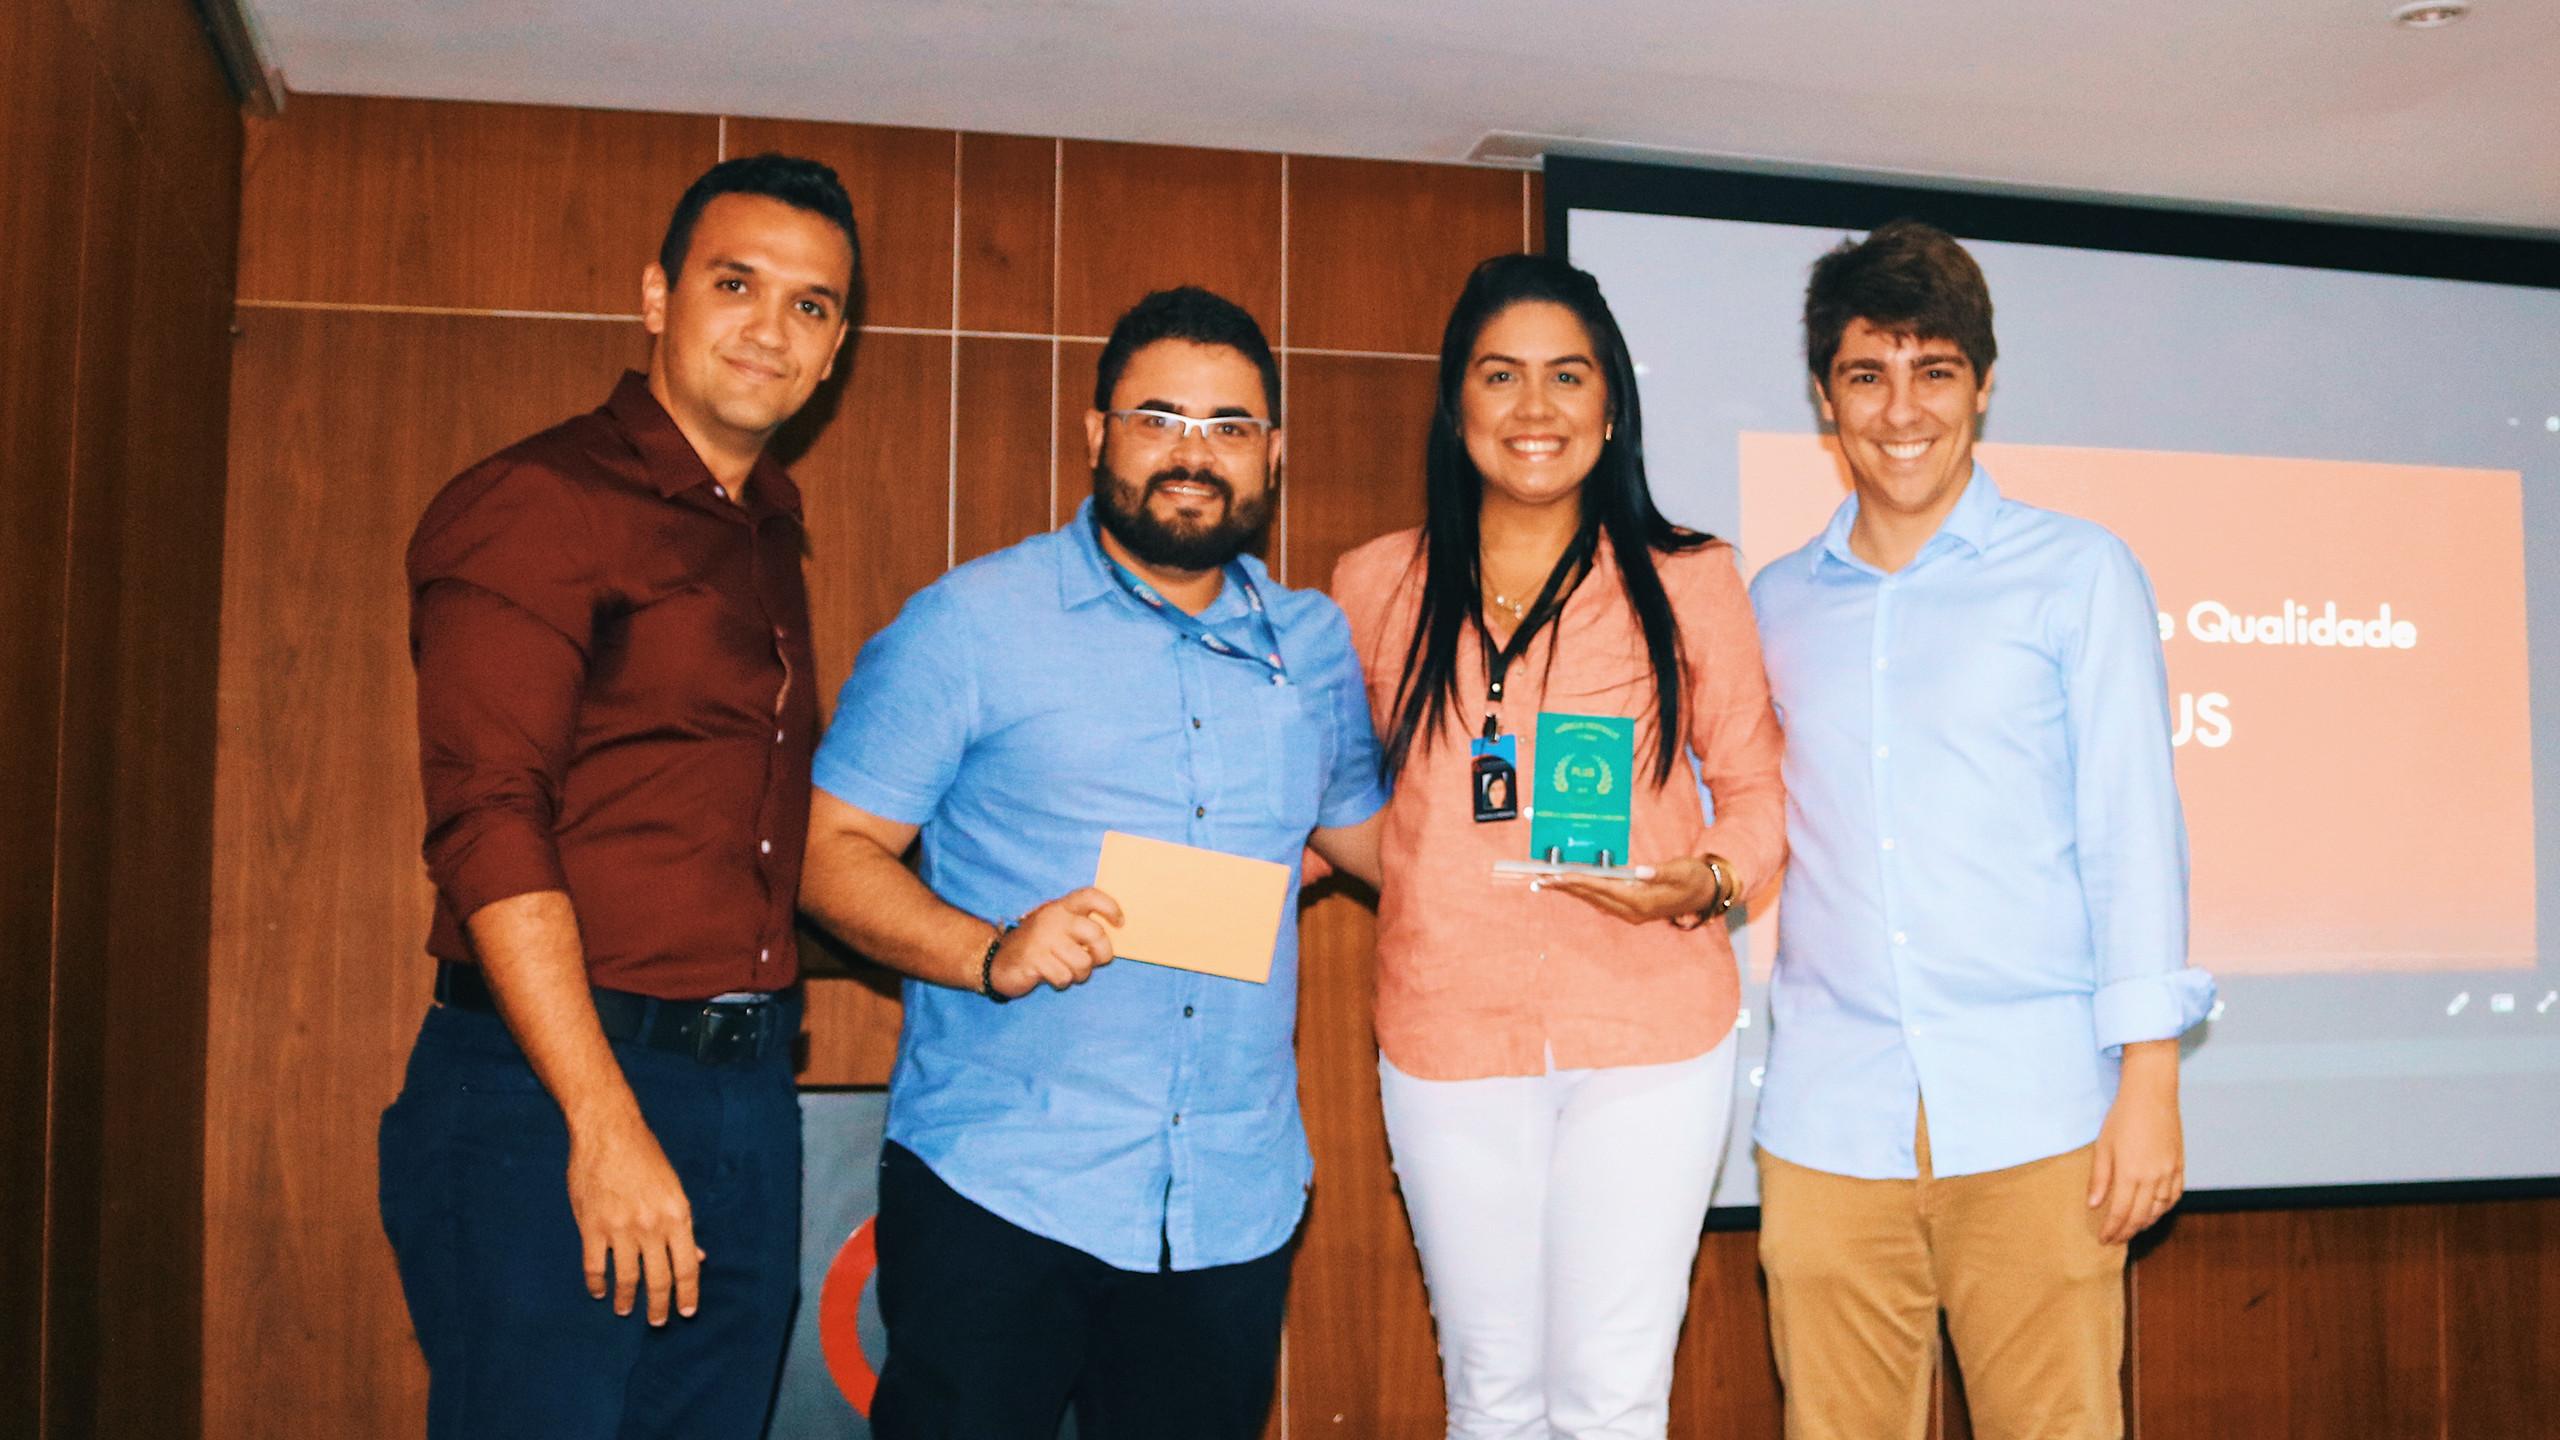 Rômulo e Fabrícia, agentes de Caruaru, vencedores na categoria Aço.